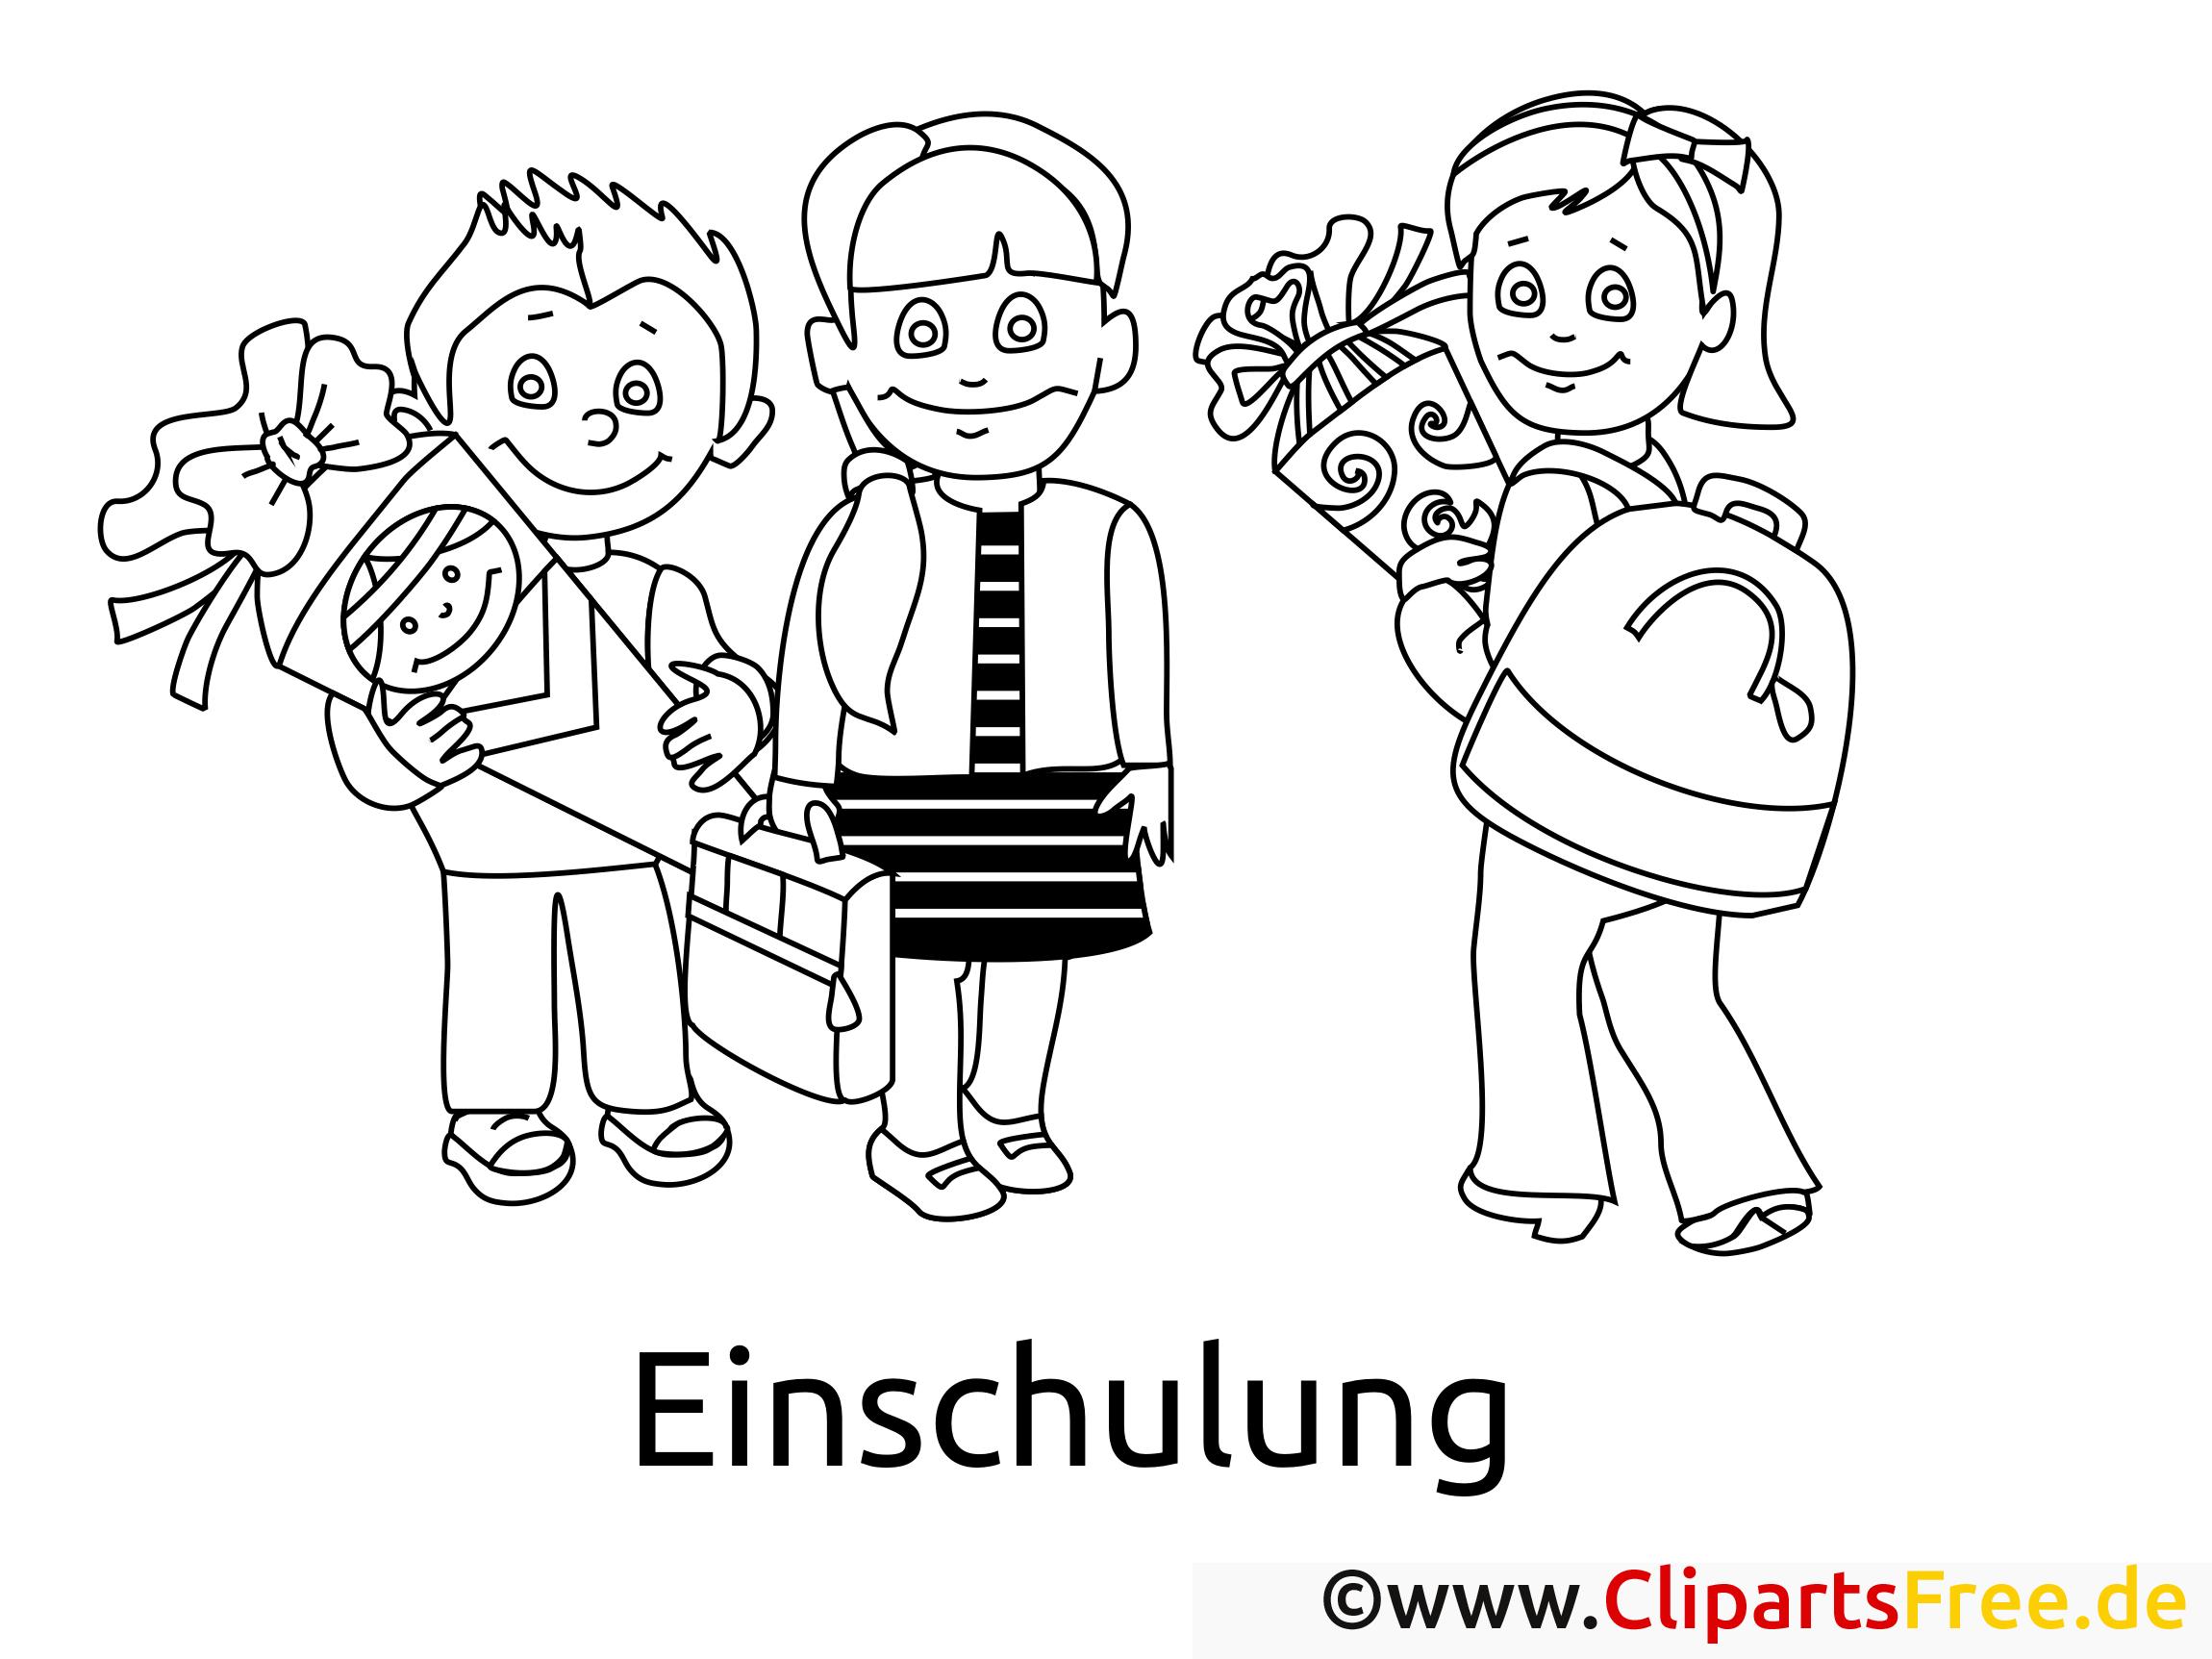 Kinderbilder zum Ausmalen